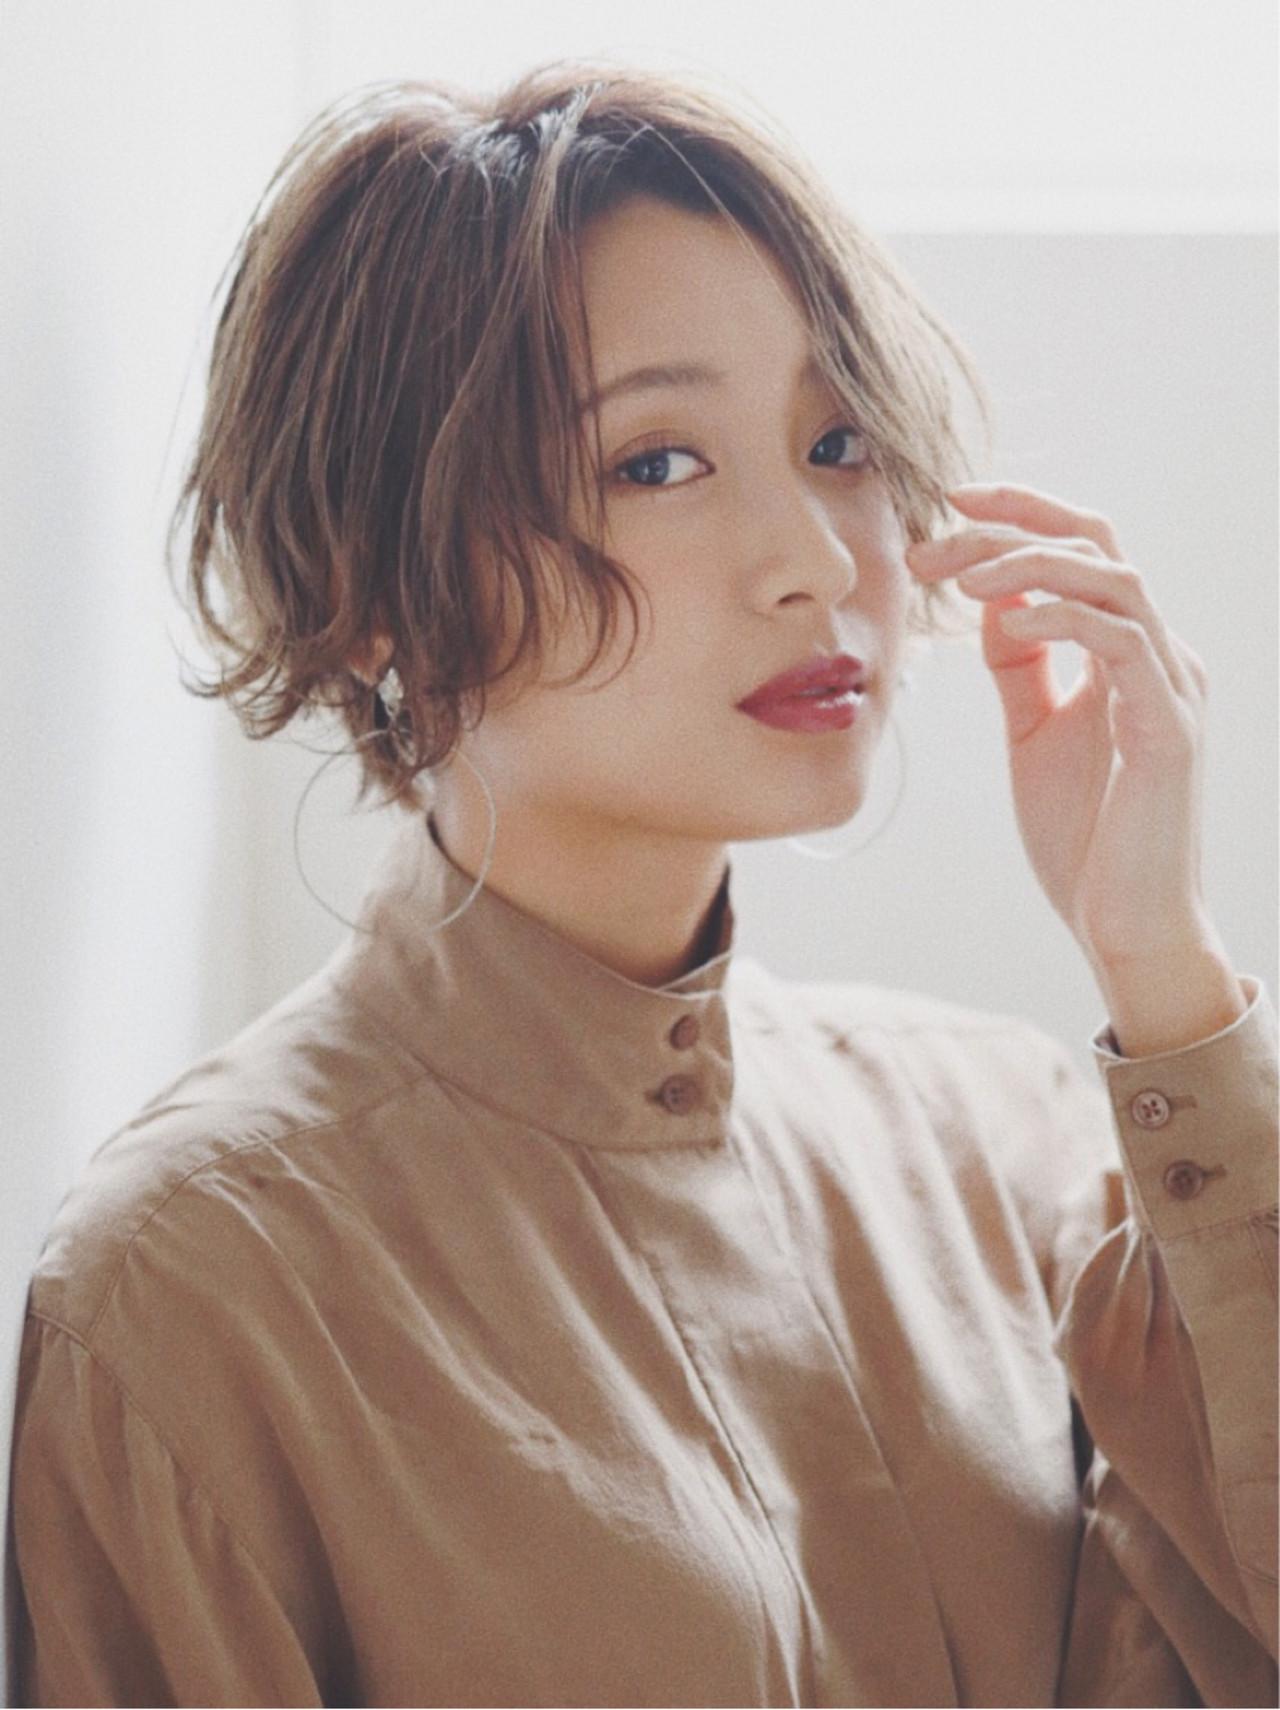 フワッと柔らかそうな髪で面長をカバー ニシムラ カナ | La familia